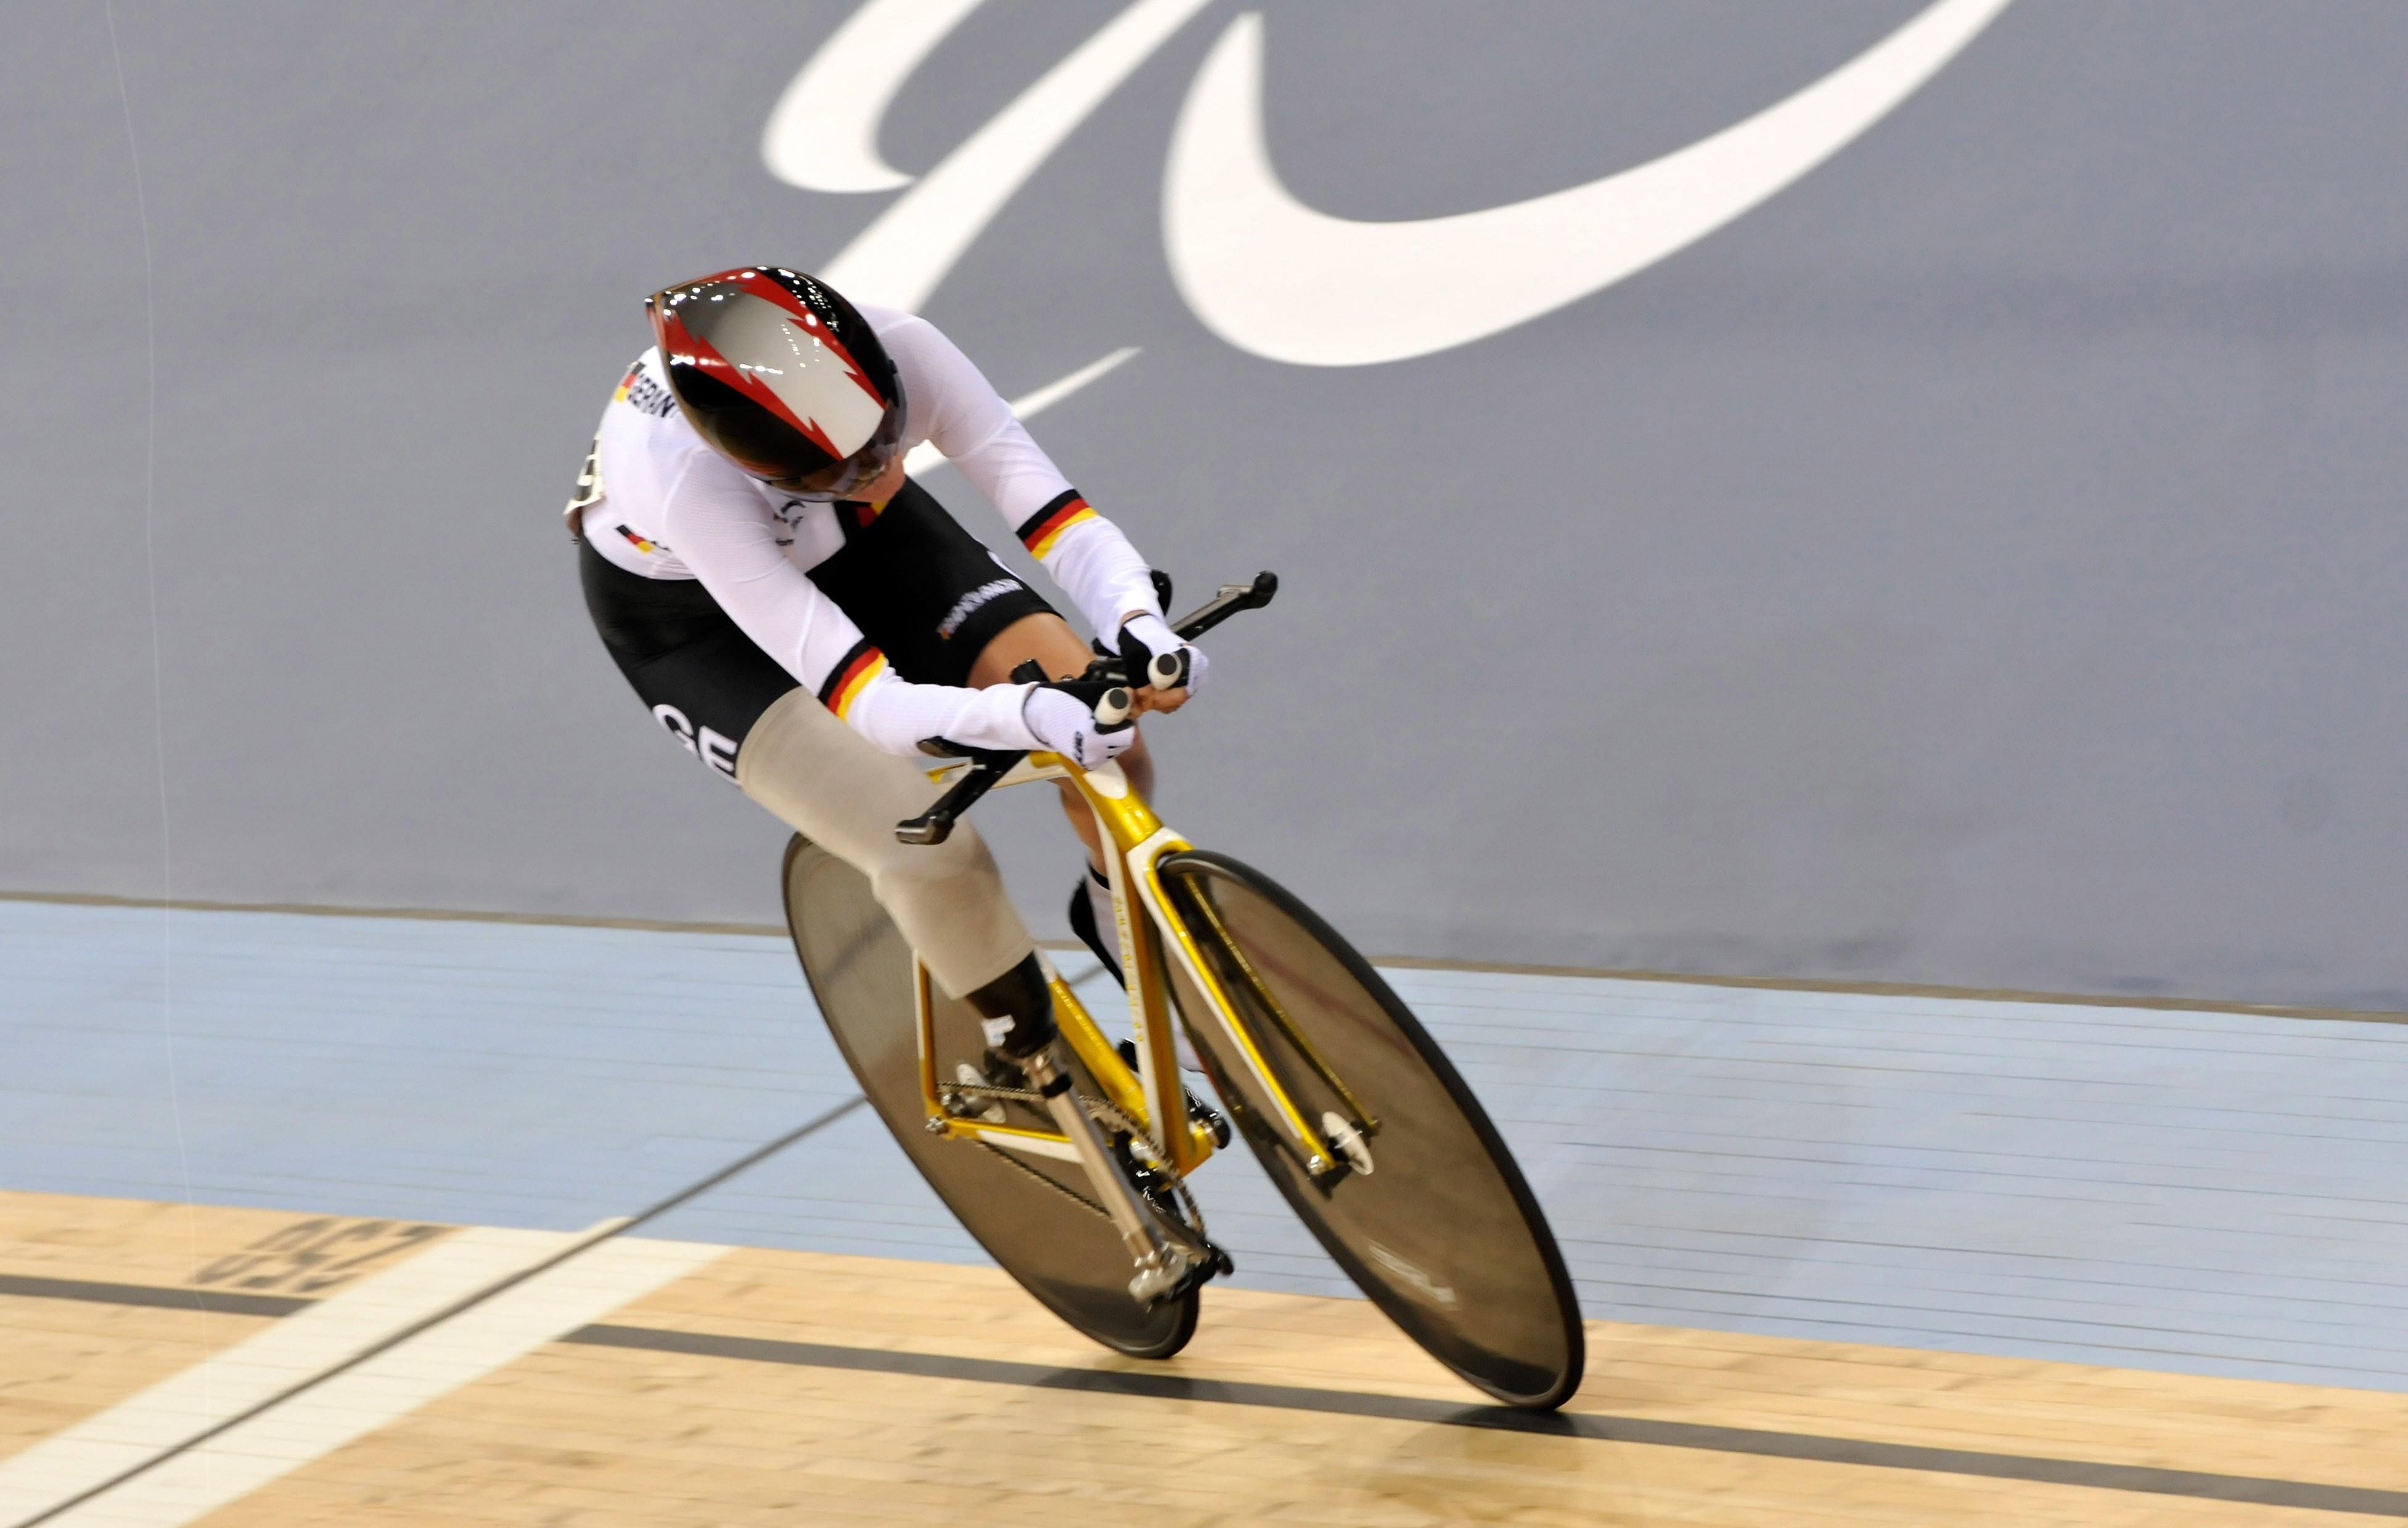 Denise Schindler usará um modelo mais leve para brigar por medalha no Rio  (Foto: Foto LEO MASON / GETTY IMAGES)